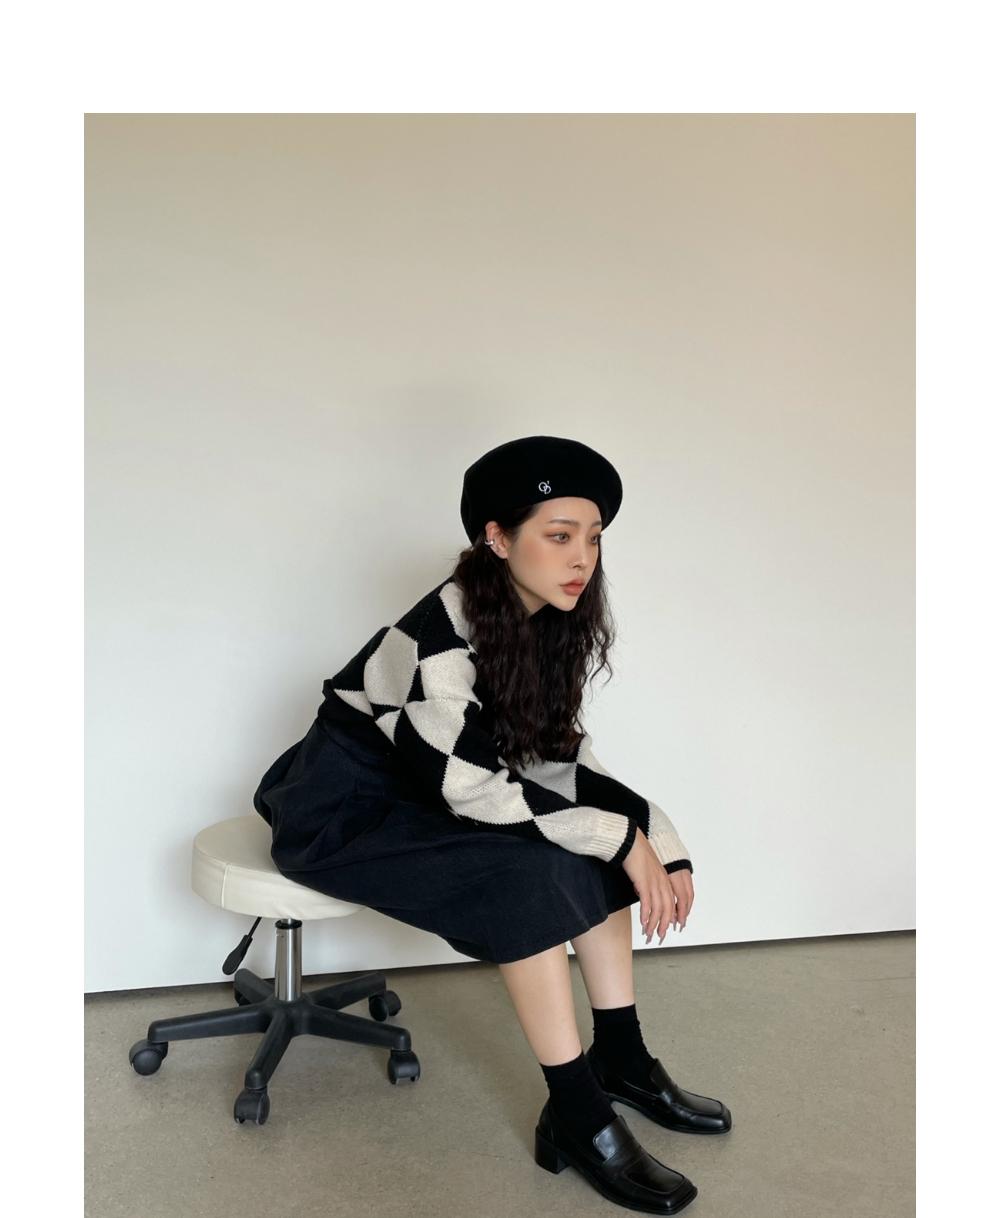 재킷 모델 착용 이미지-S2L16